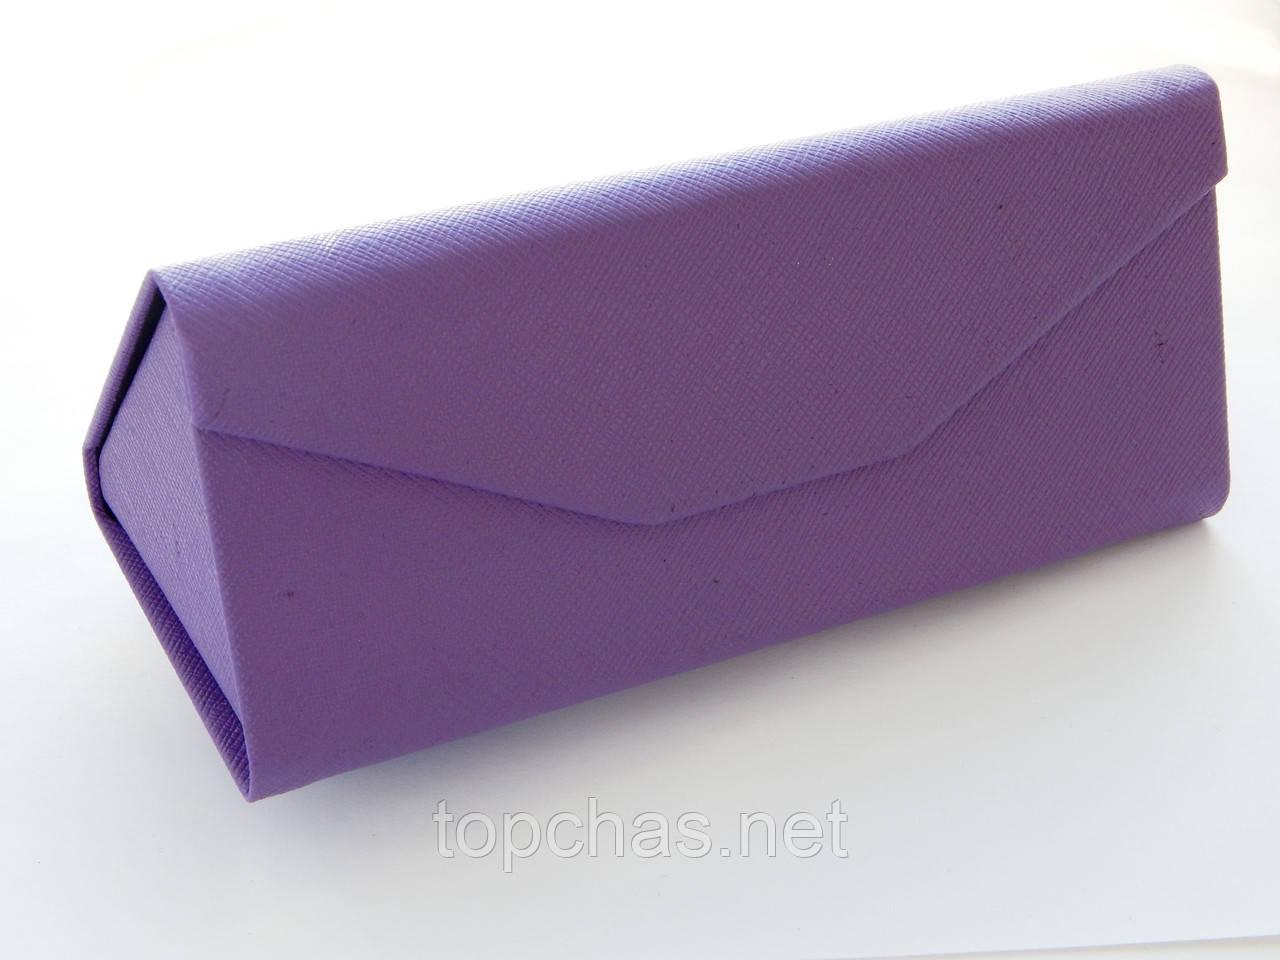 Компактный чехол-трансформер для очков, фиолетовый  - помещается даже в карман, фото 1